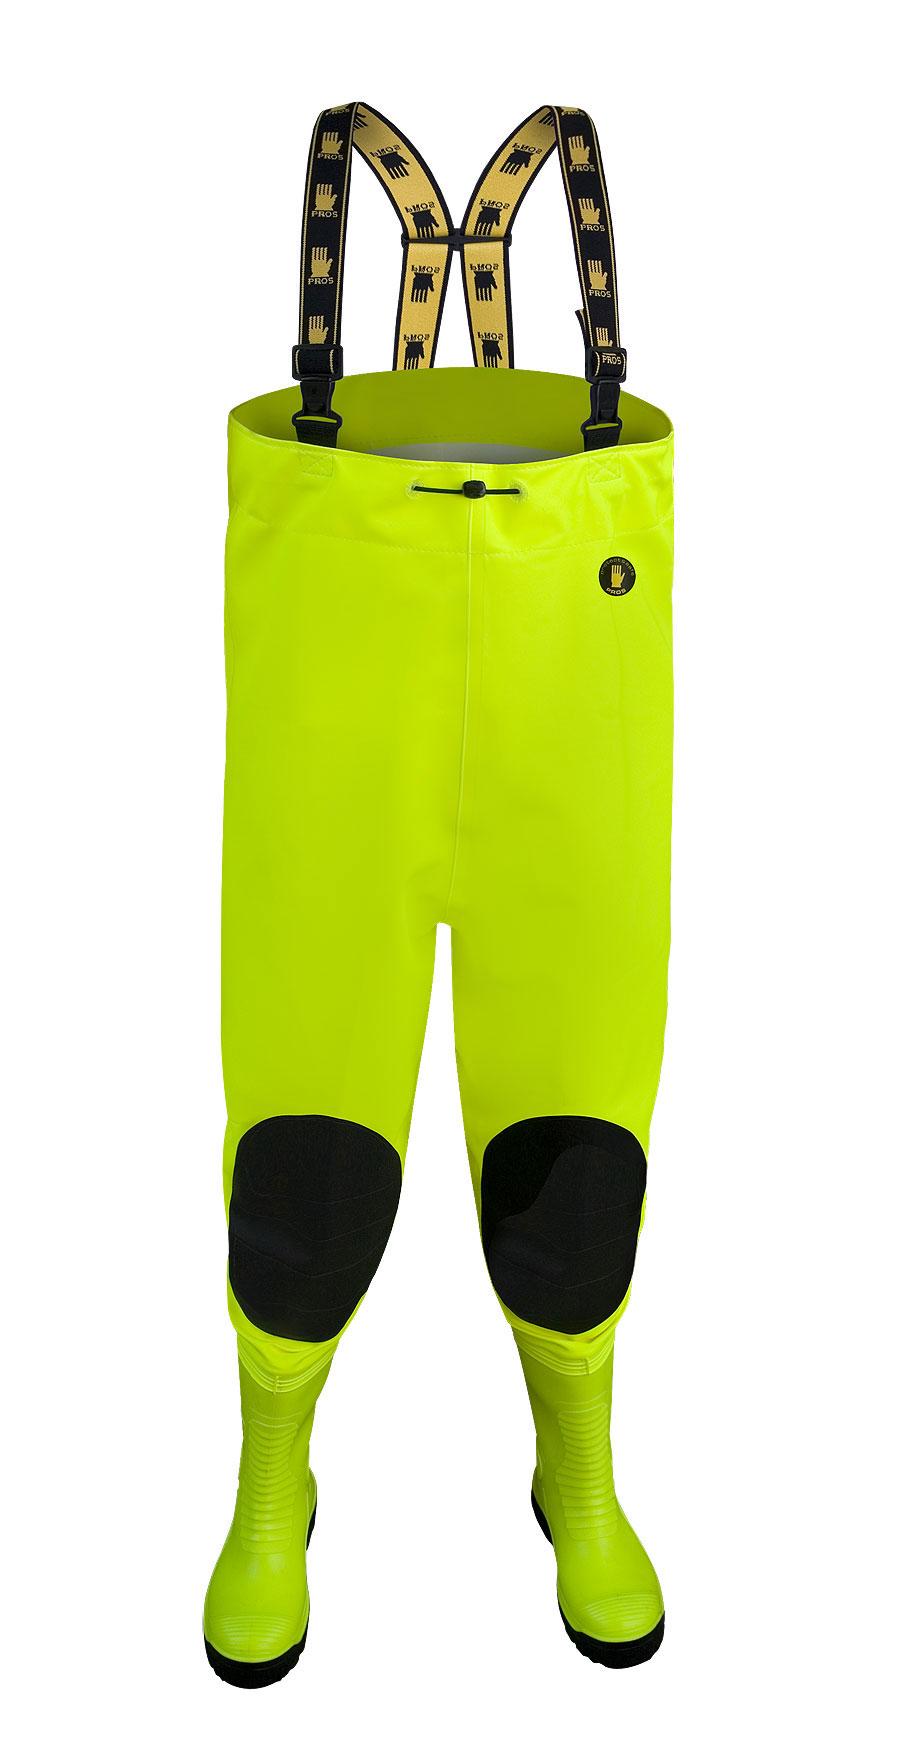 Brodící kalhoty MAX Fluo žluté vel.40    SBM01 Fluo žl.  PROS